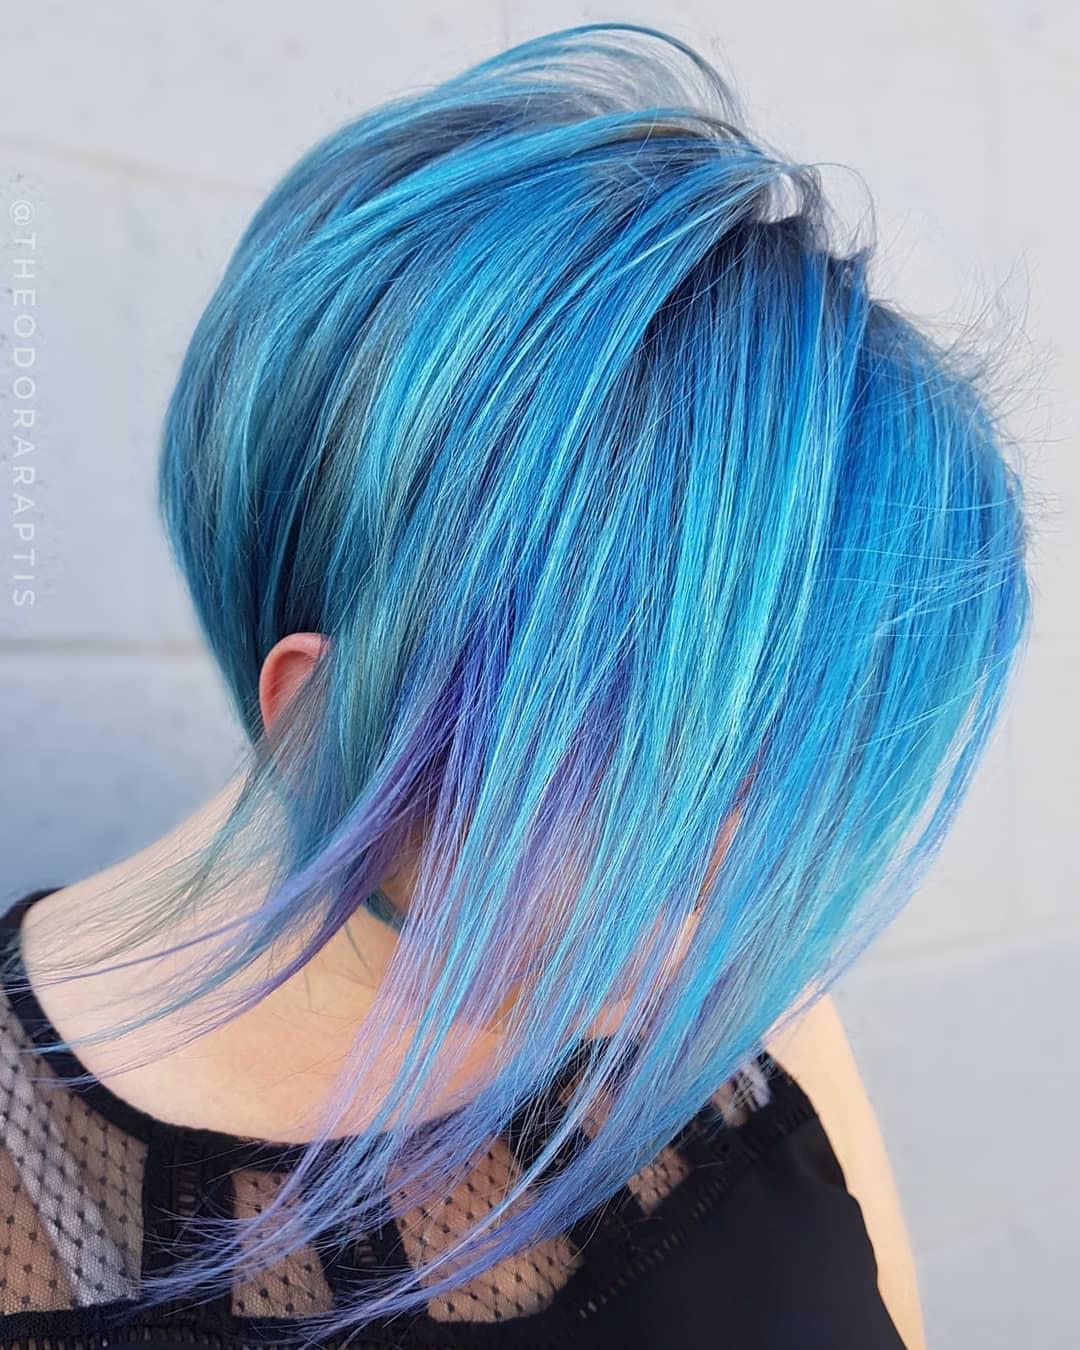 Azzurro, blu, viola sfumati, per una chioma che sembra appena uscita da una favola su pixie cut asimmetrico